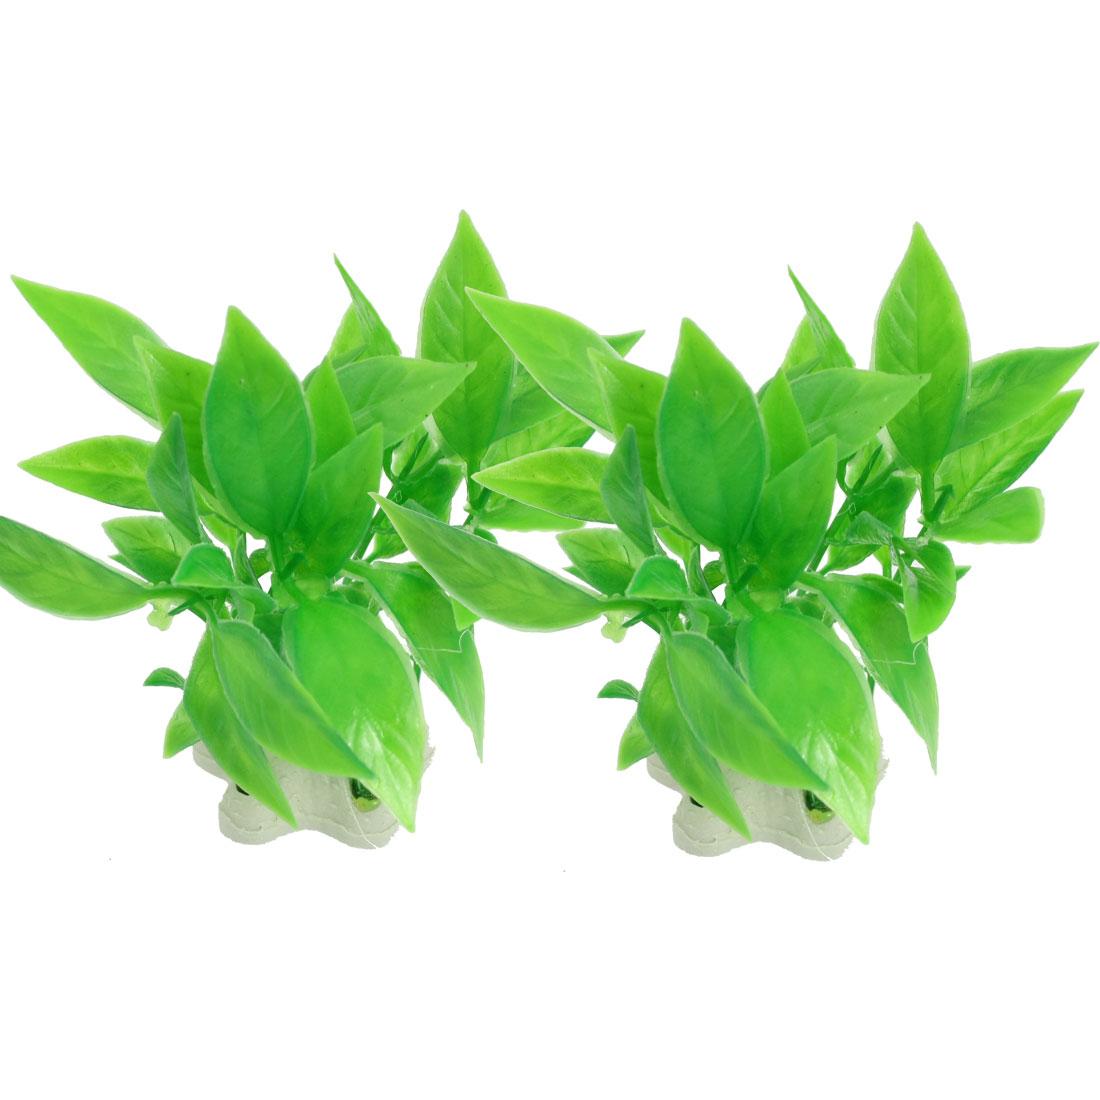 """2 Pcs Aquarium Green Plastic Artificial Grass Plant Decor 3.5"""" Height"""